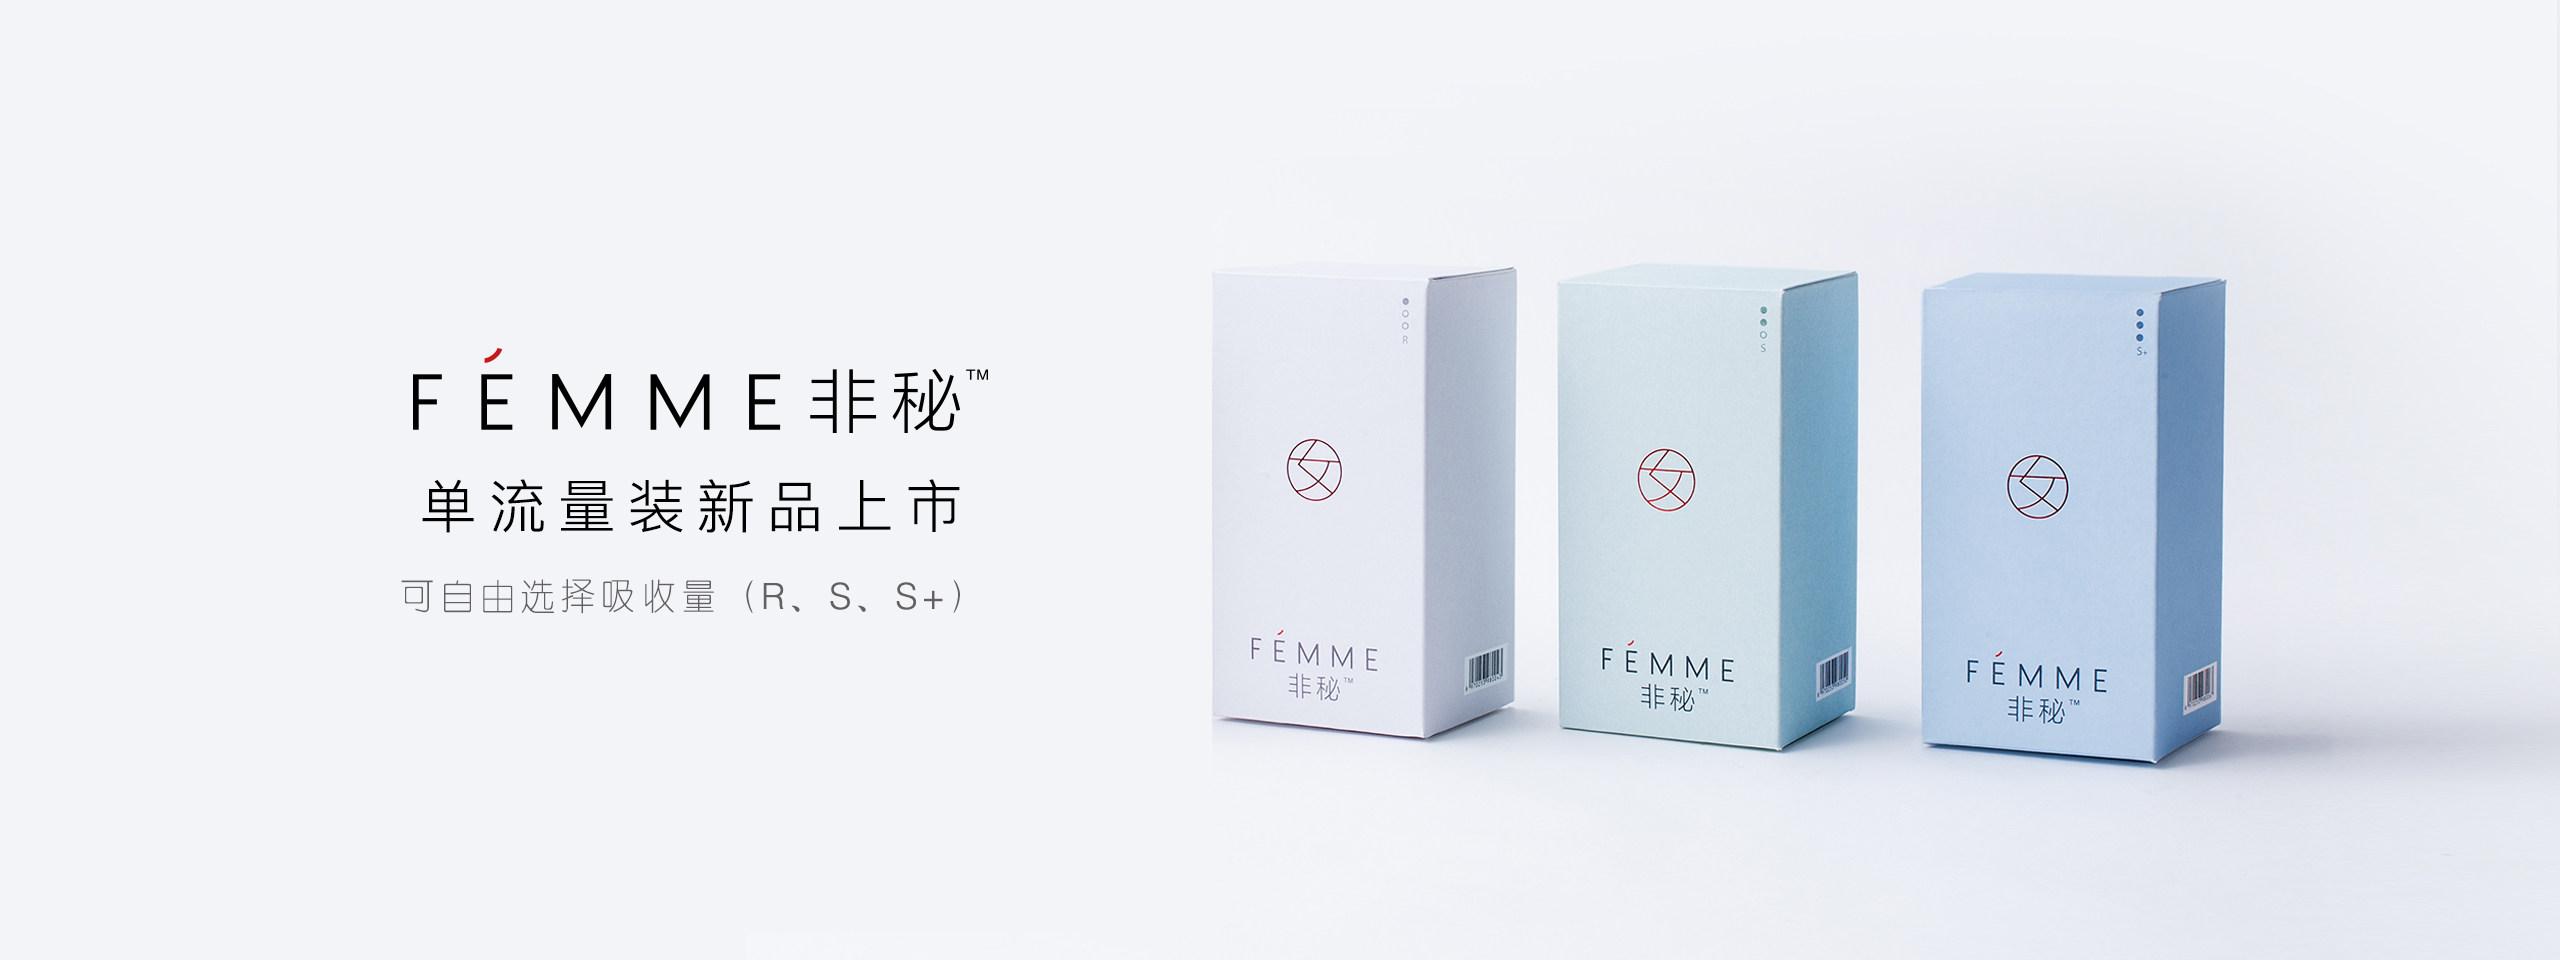 FEMME非秘导管式卫生棉条-YOAI有爱